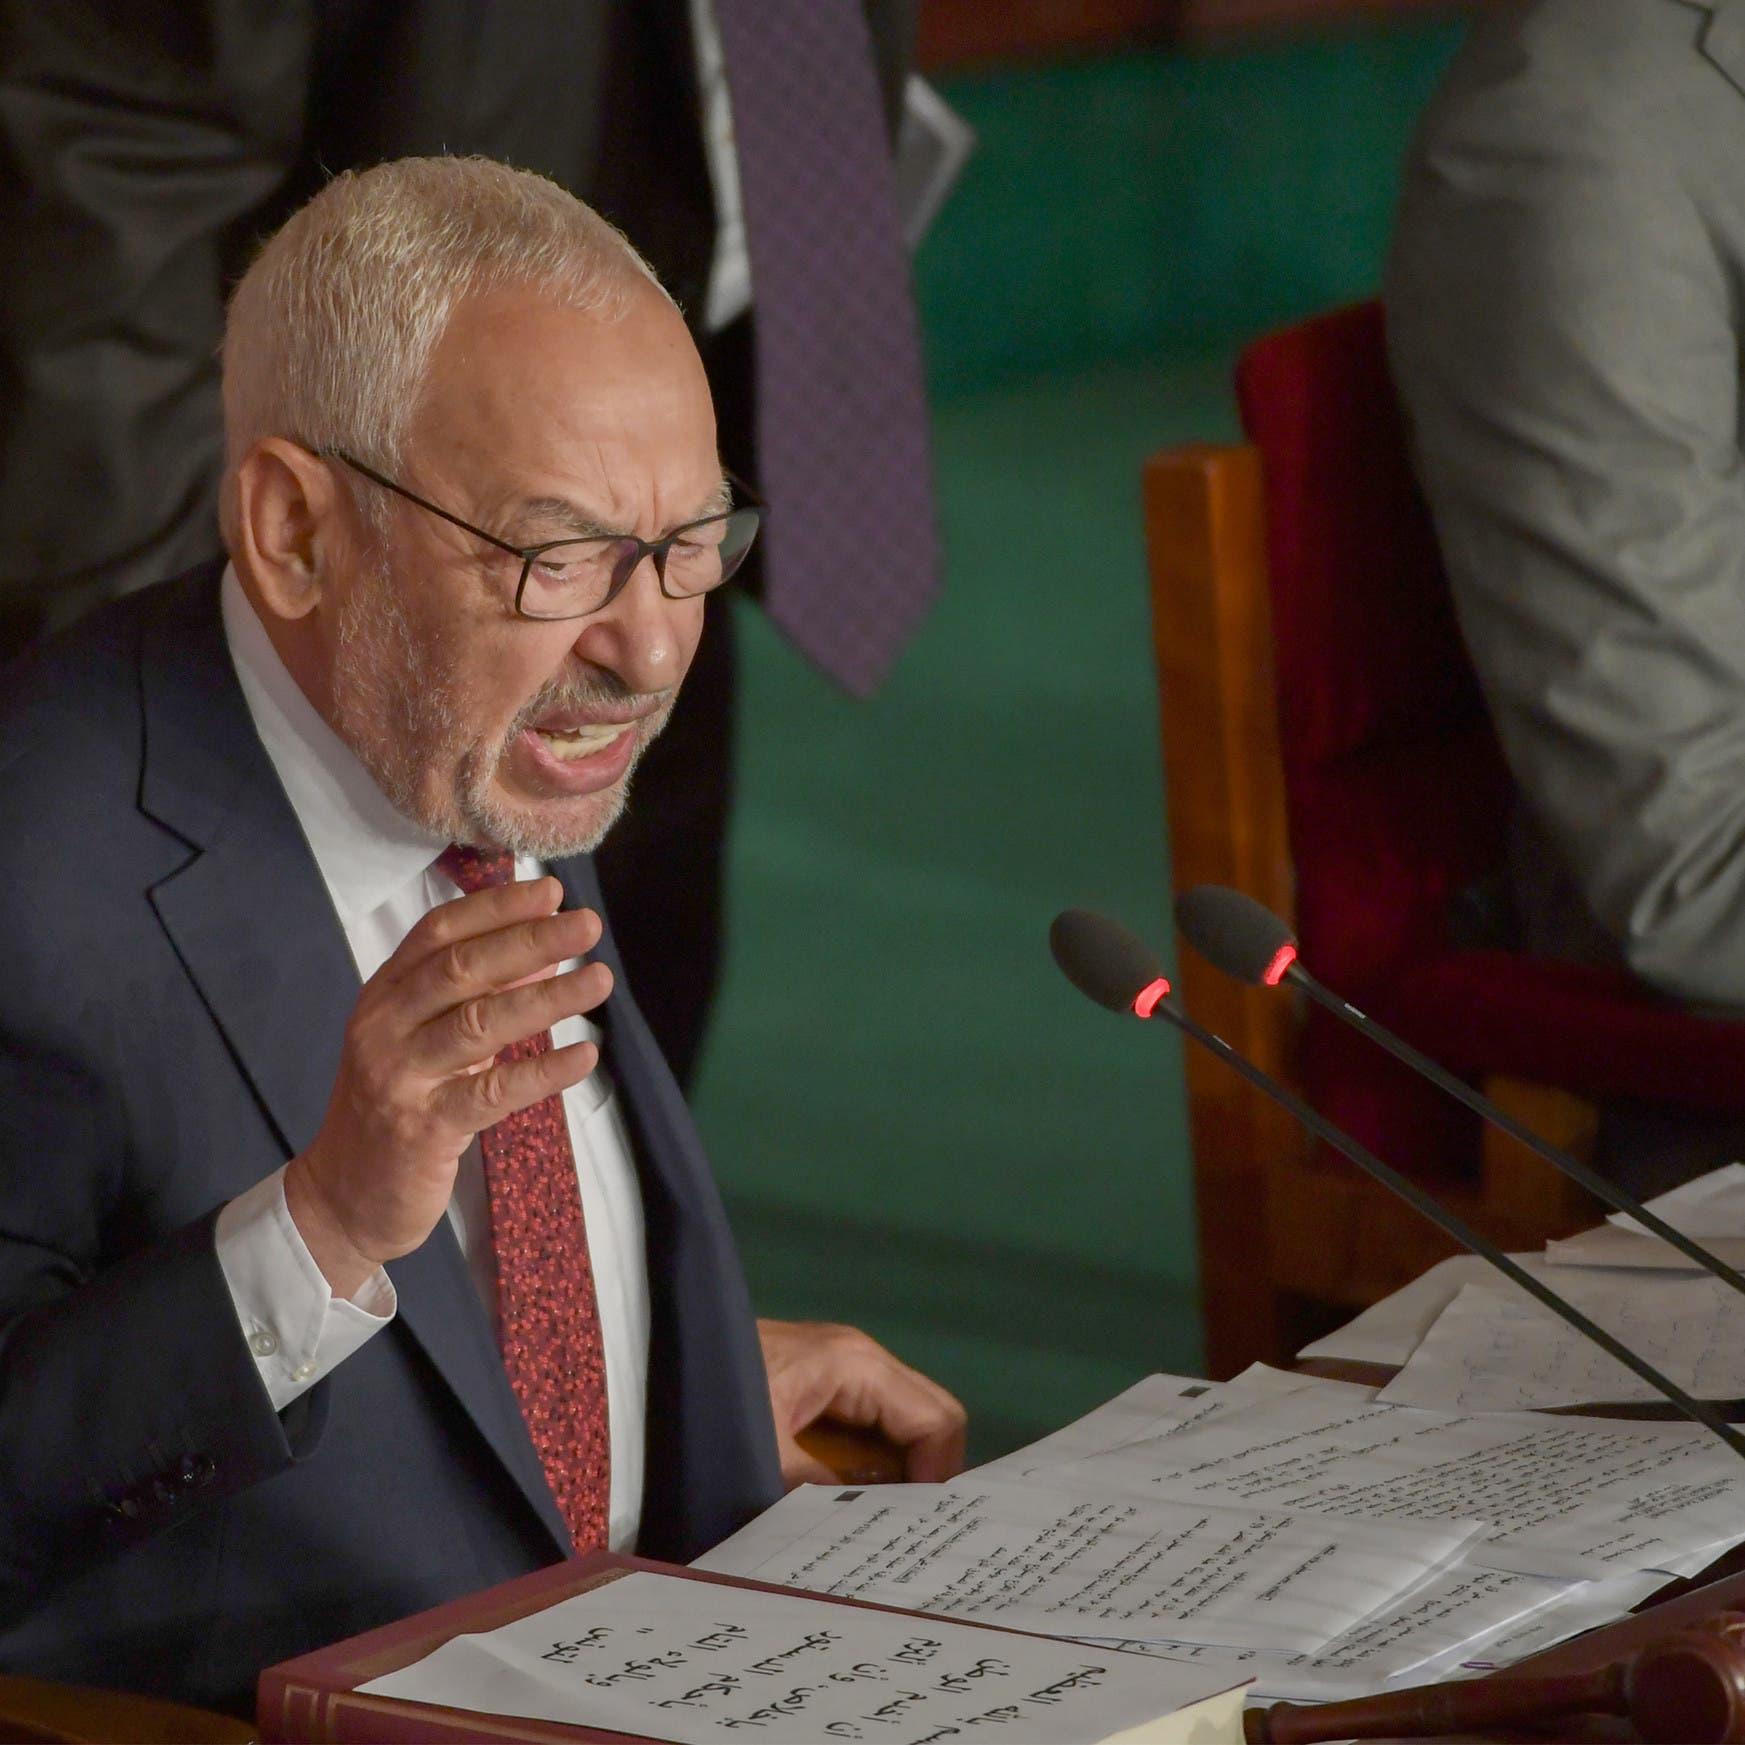 كتلة نيابية في تونس: رئاسة الغنوشي للبرلمان تخلق مشاكل